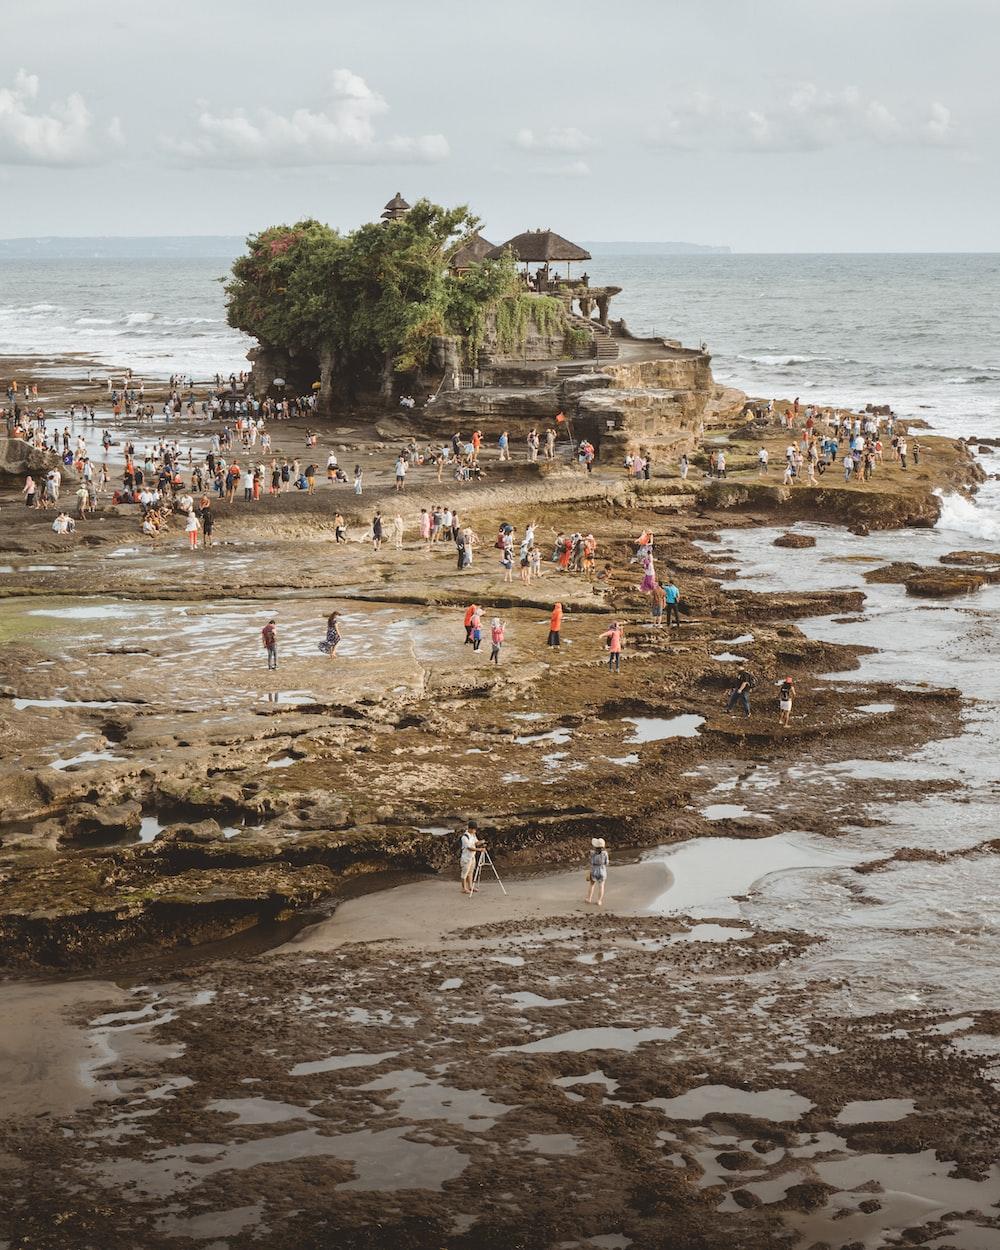 peoples on island